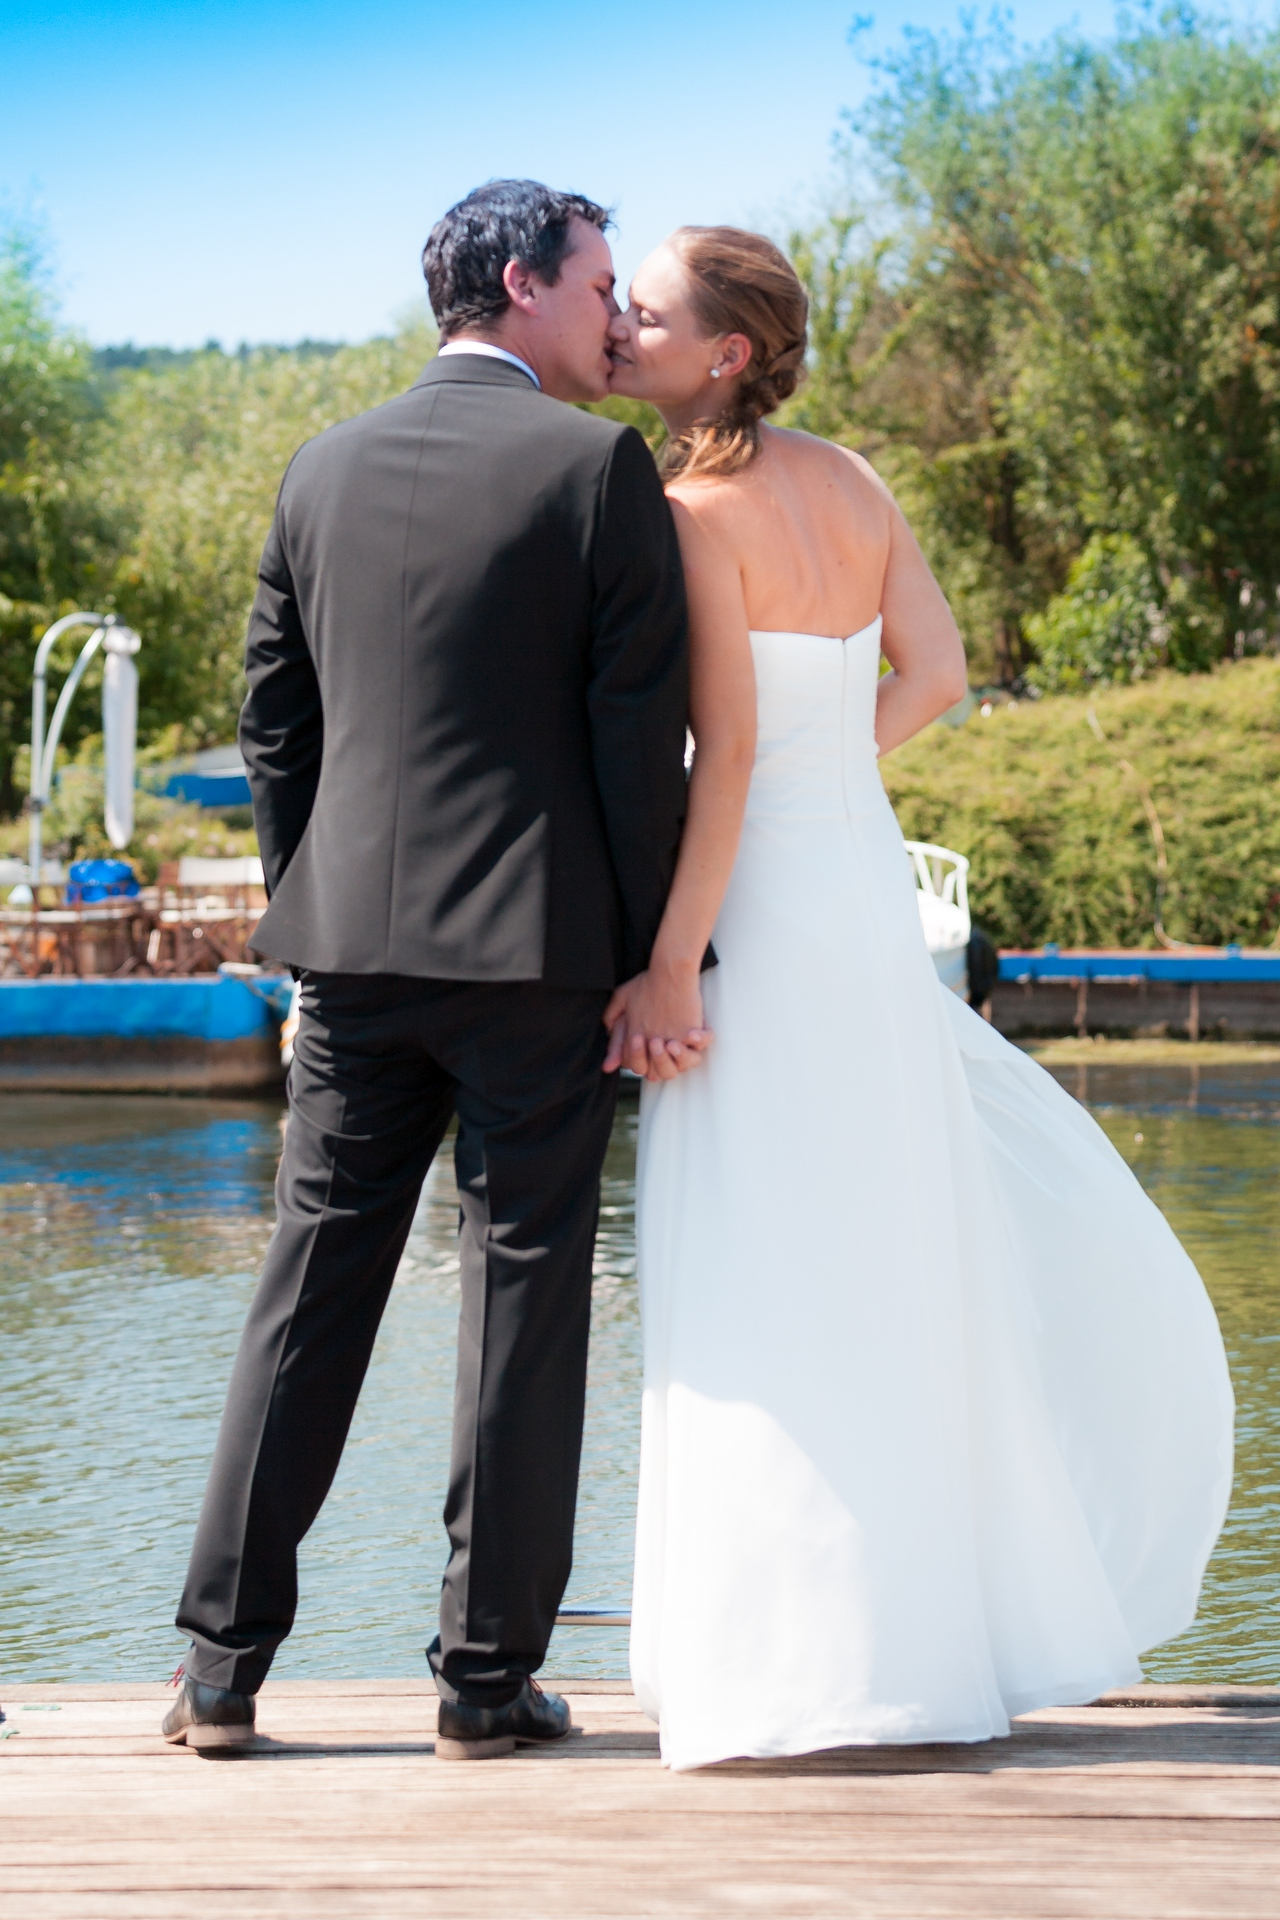 Hochzeit-M+M 2015-Brautpaar-115-2